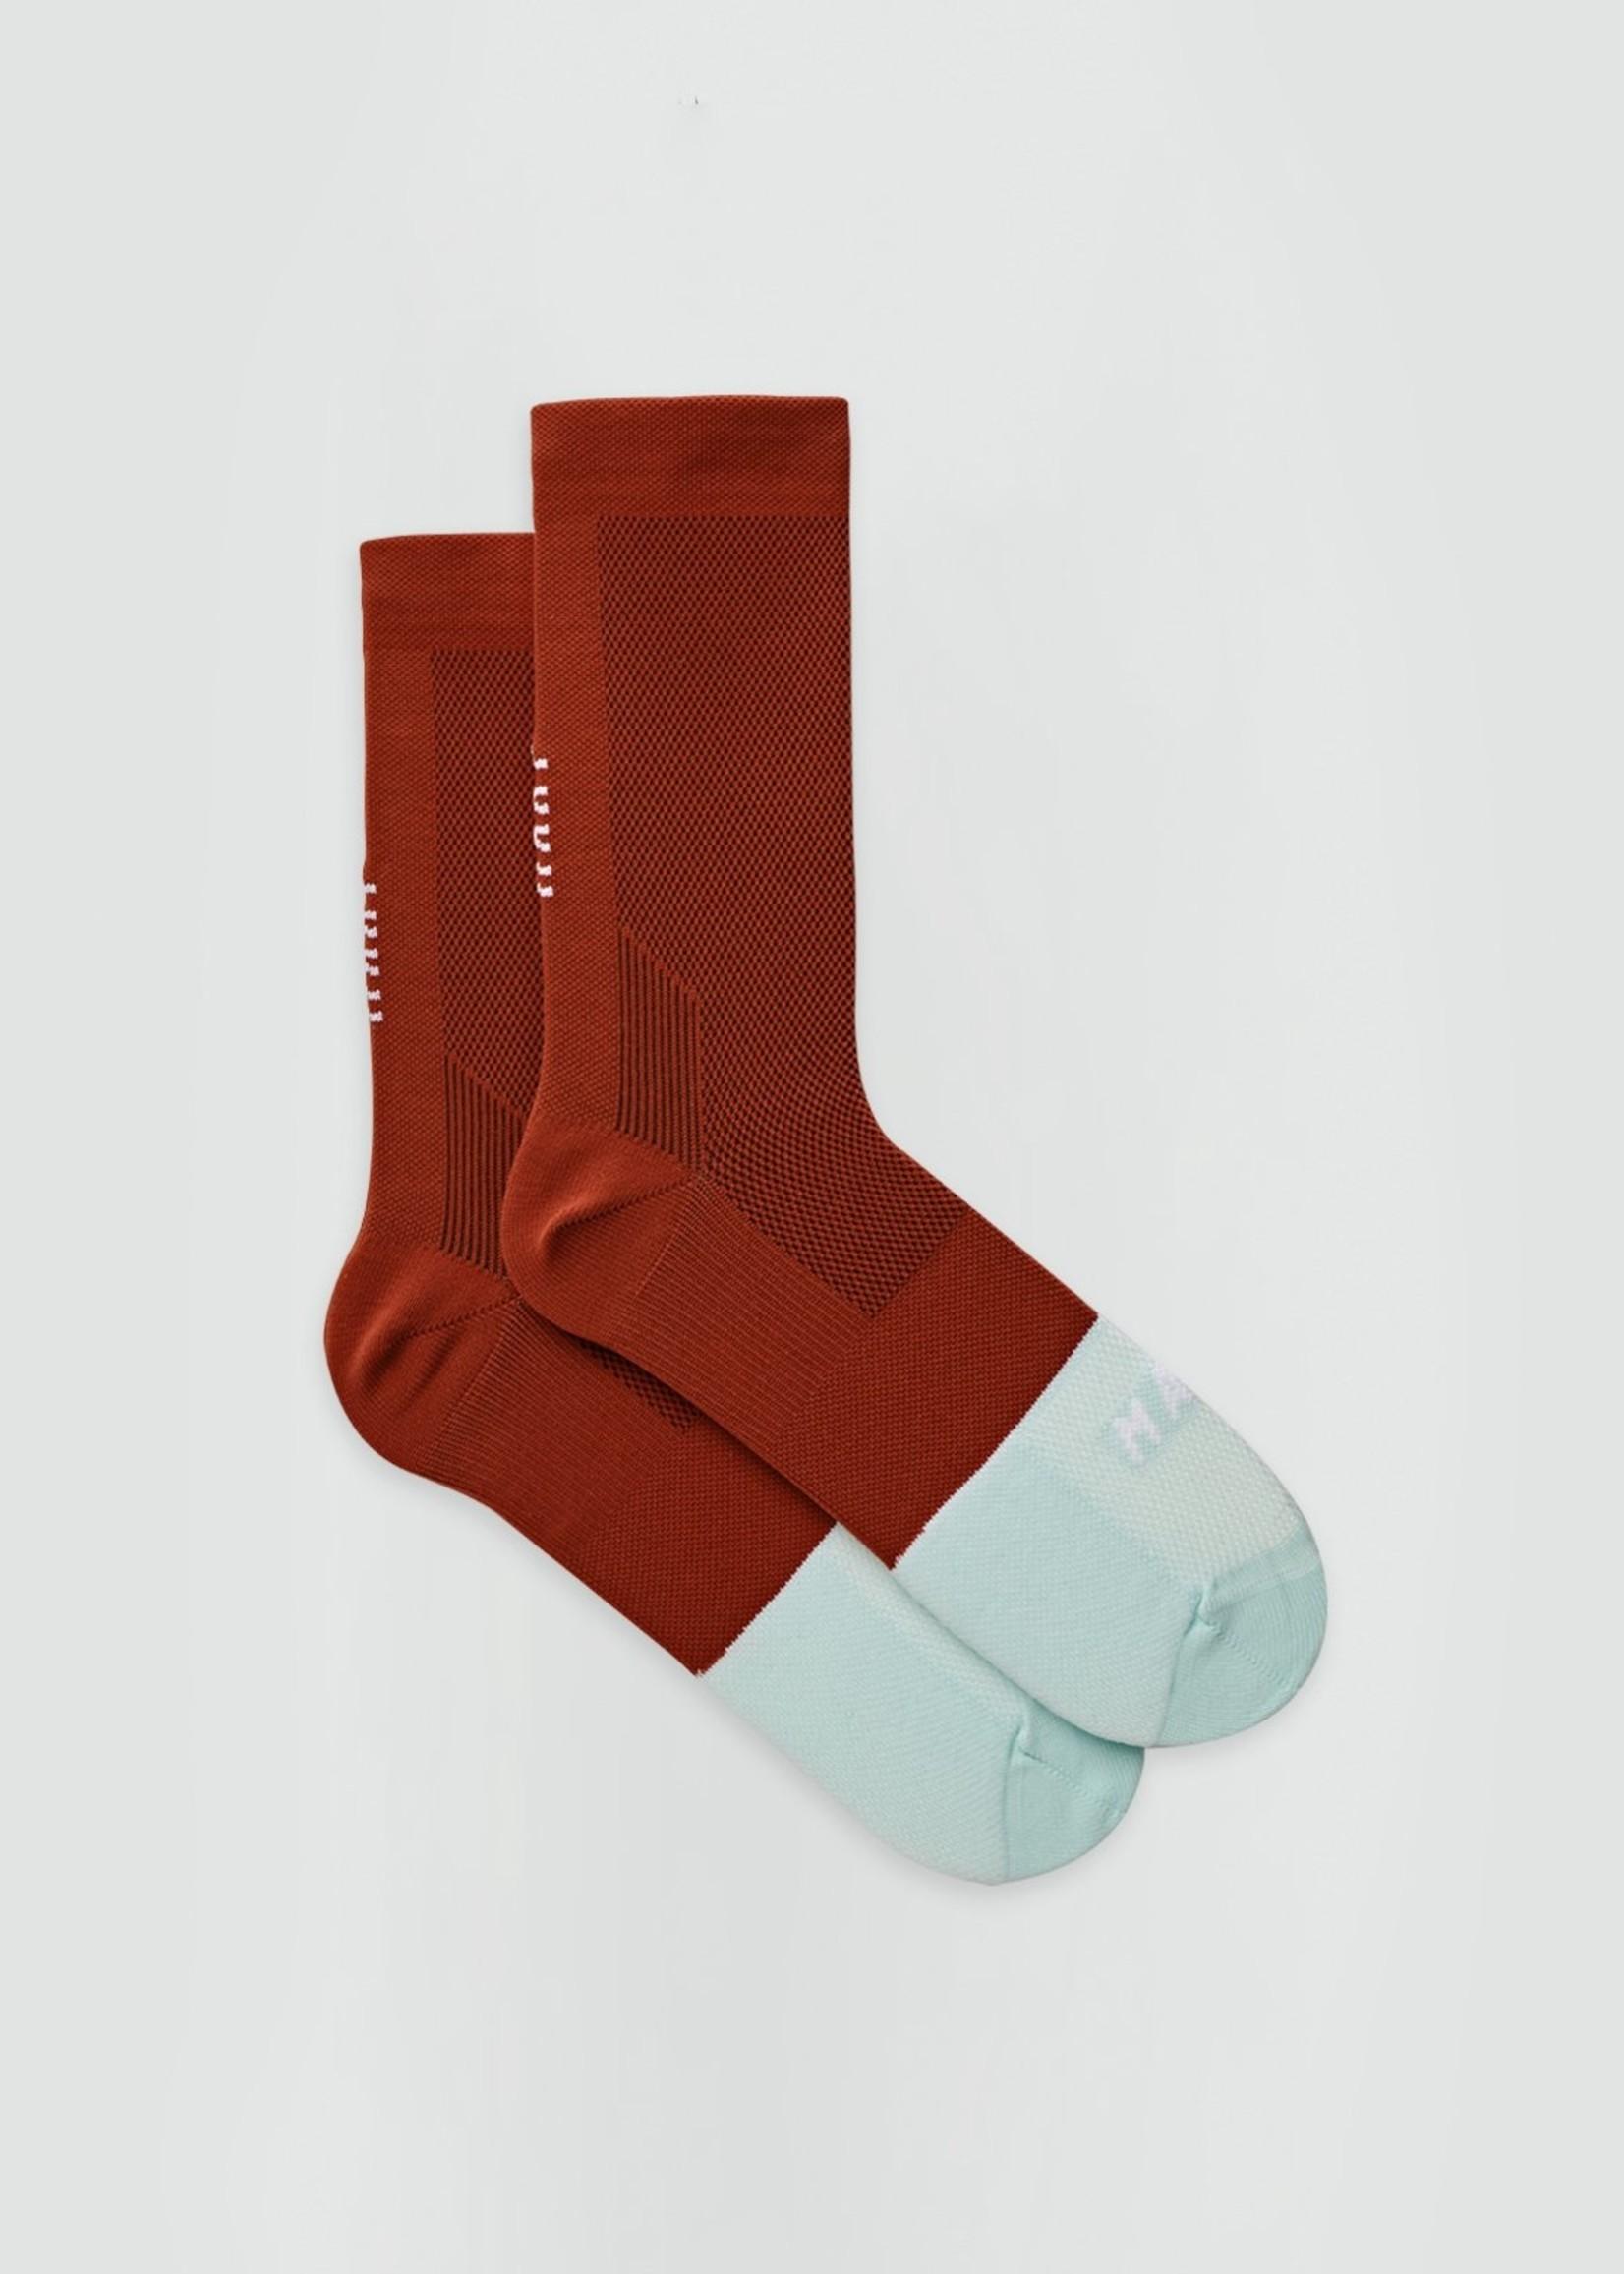 Maap Division Sock - Brick